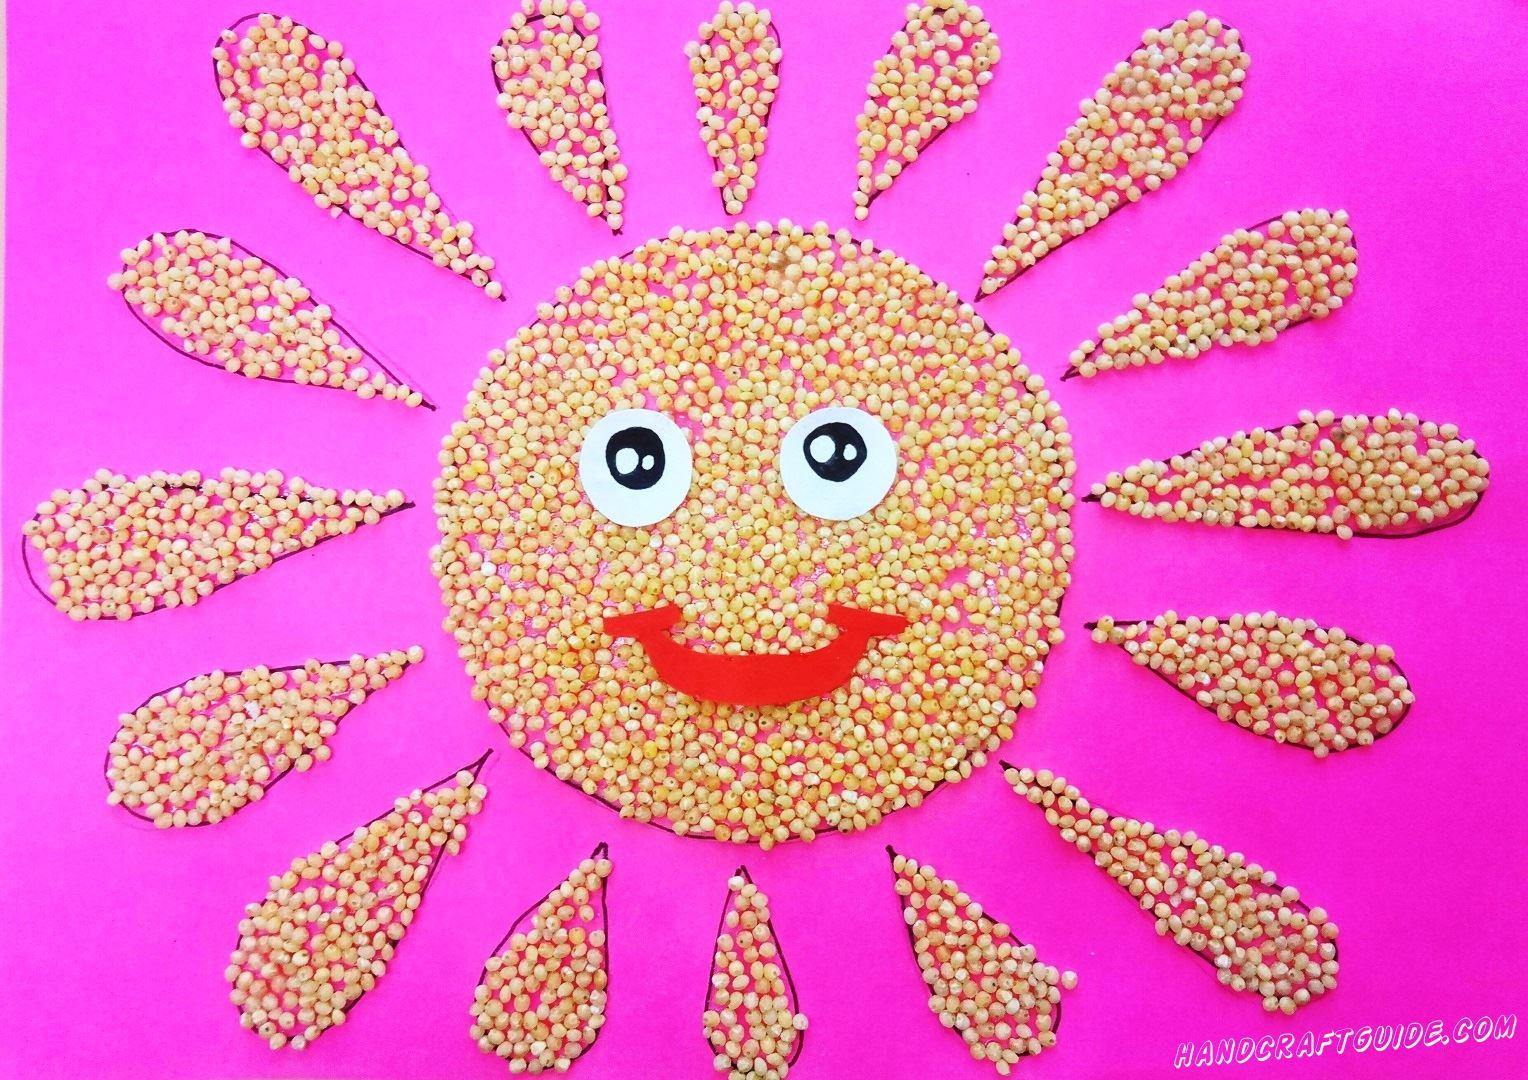 аппликация солнца из пшеничной крупы